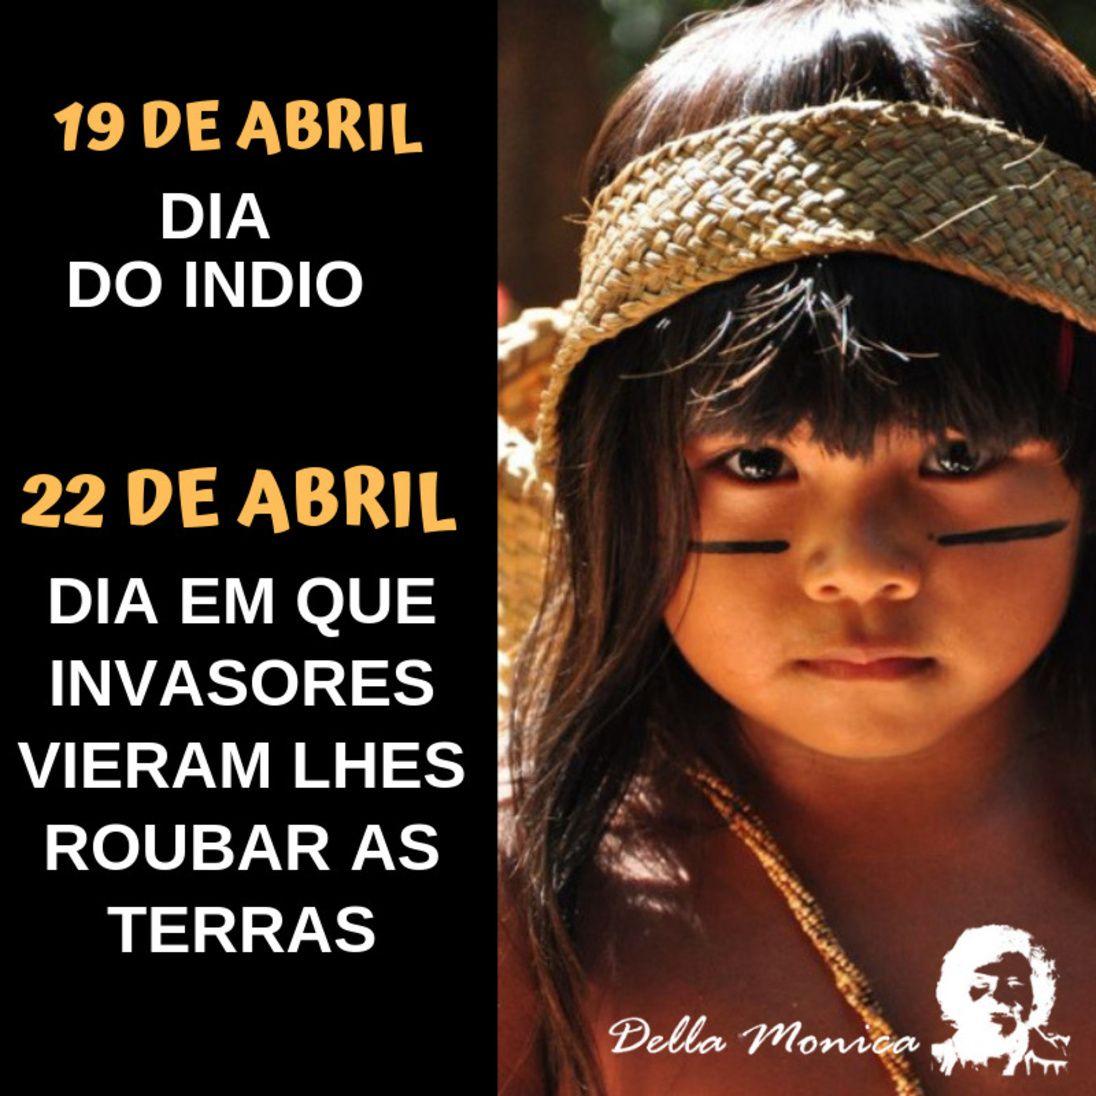 19 De Abril 22 De Abril Diadoindio Ocupacaodobrasil Em 2020